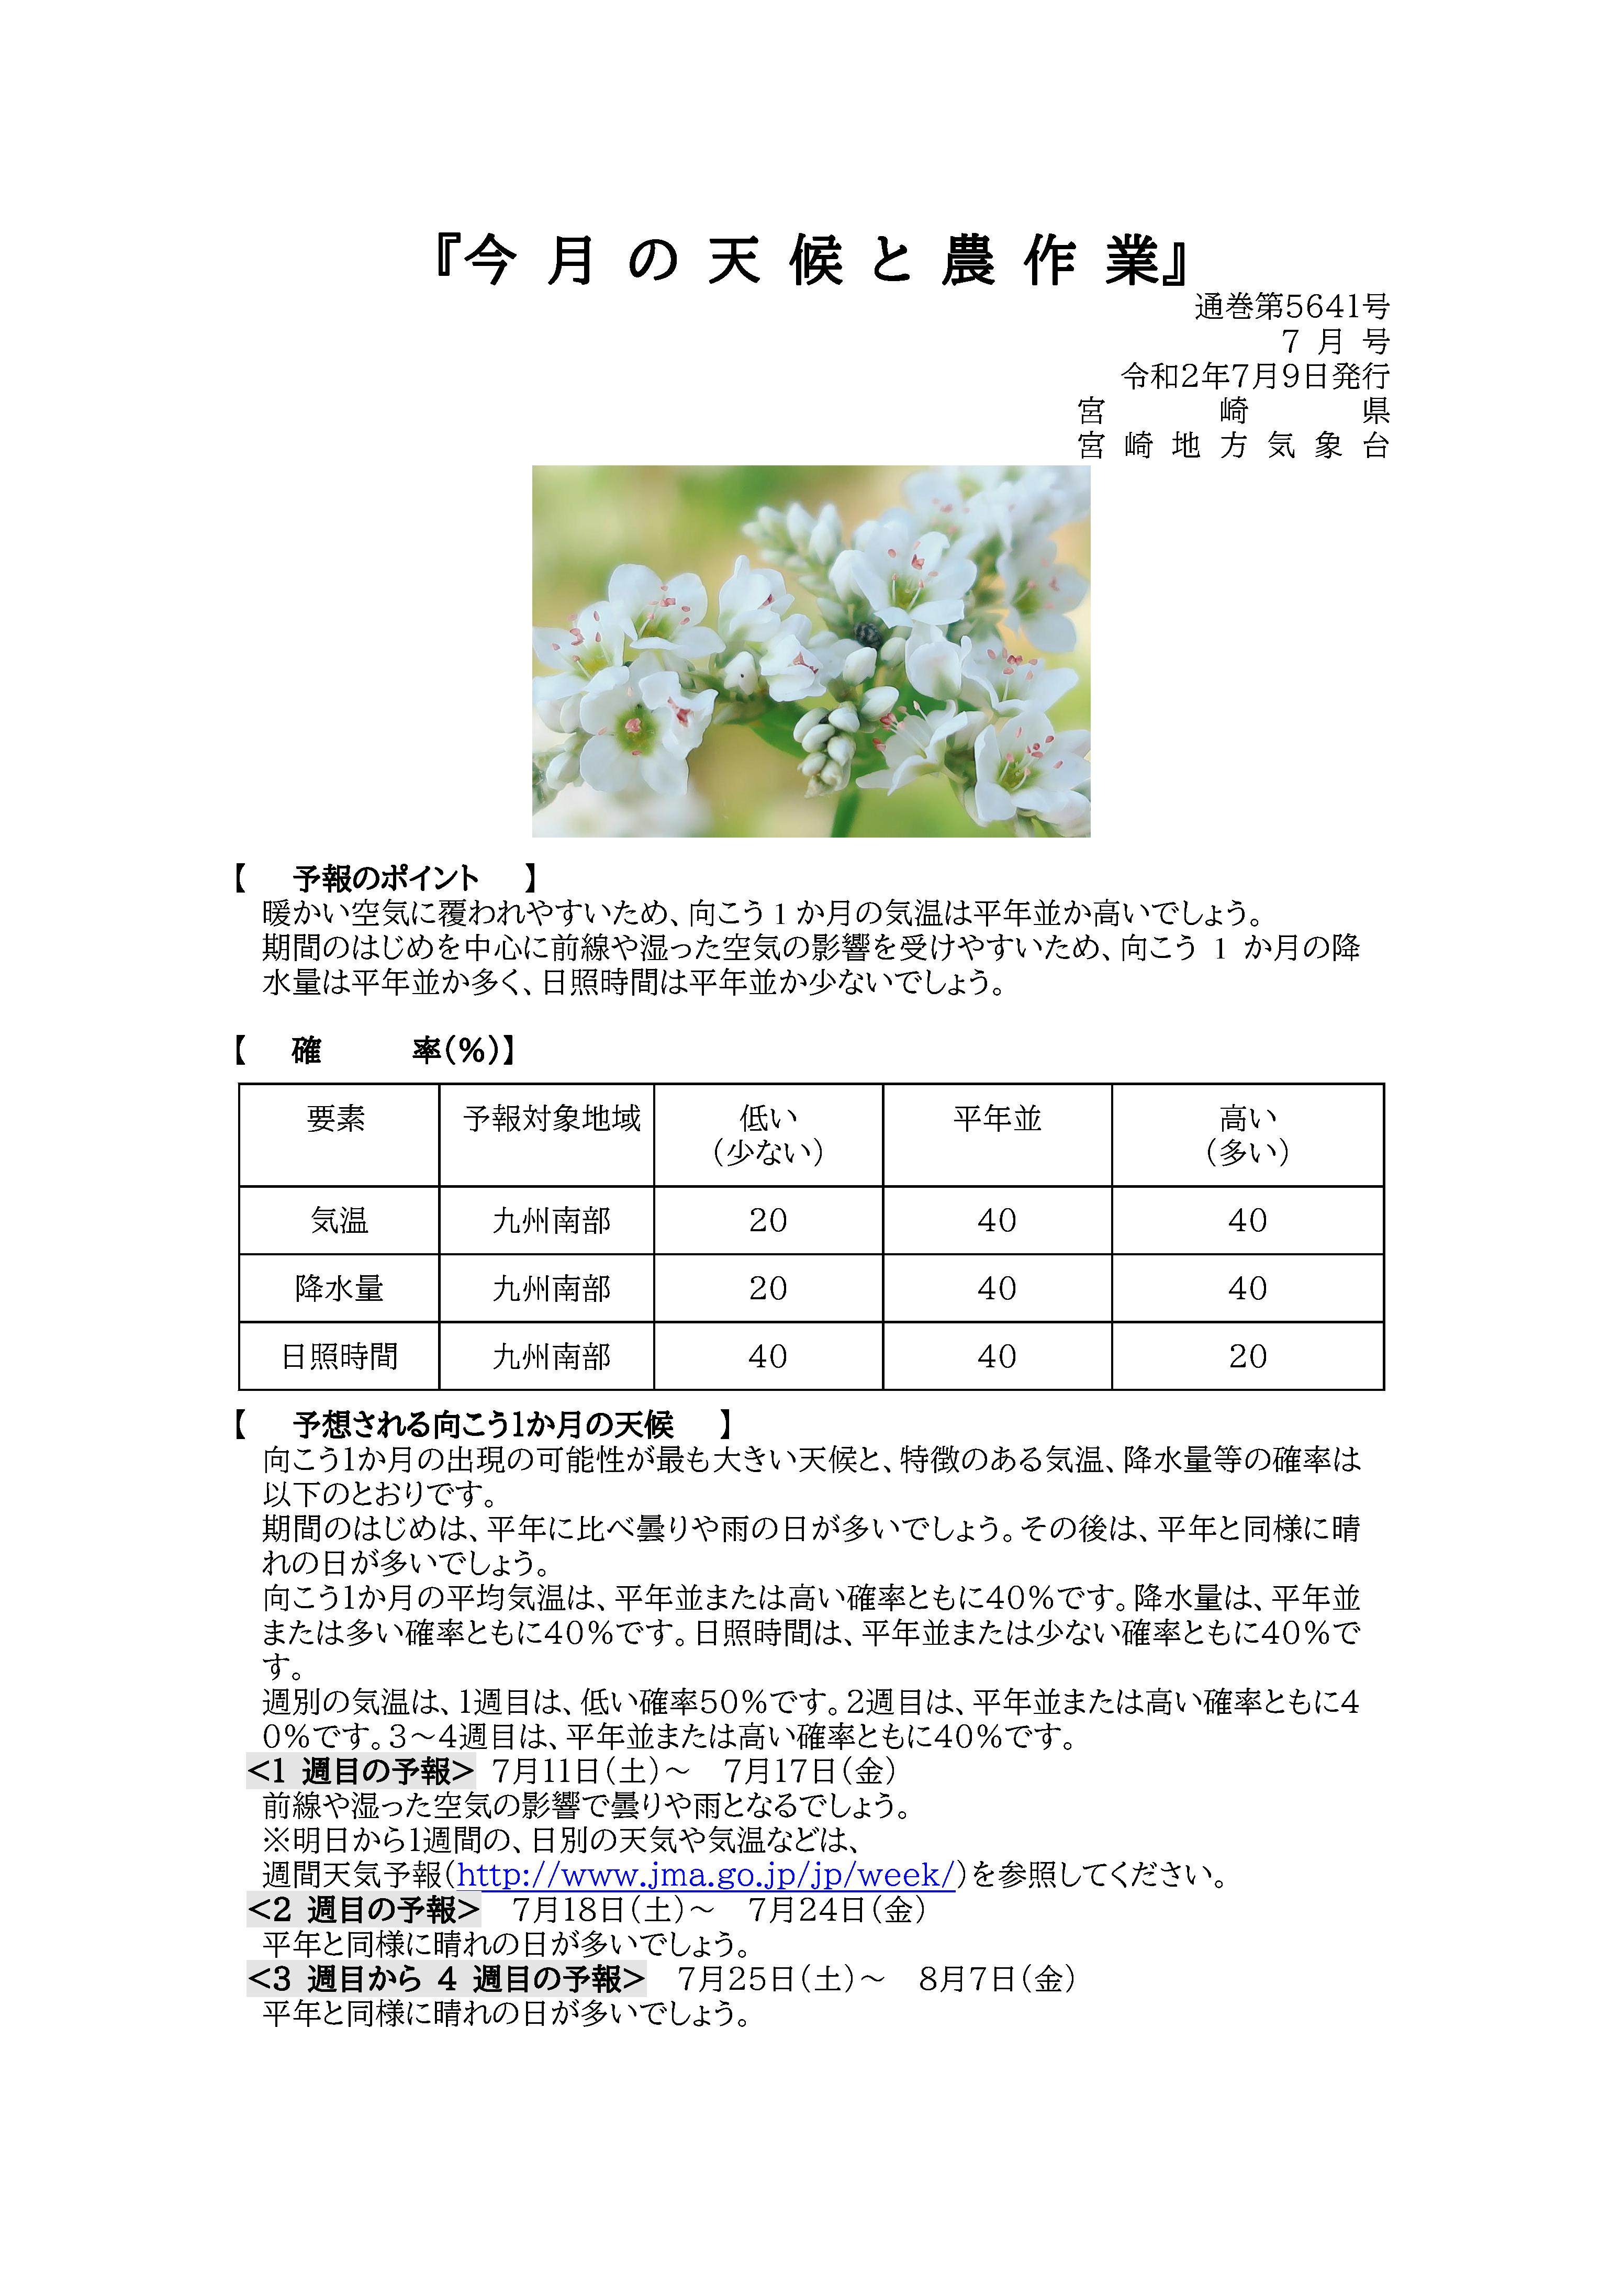 今月の天候と農作業2020年7月版